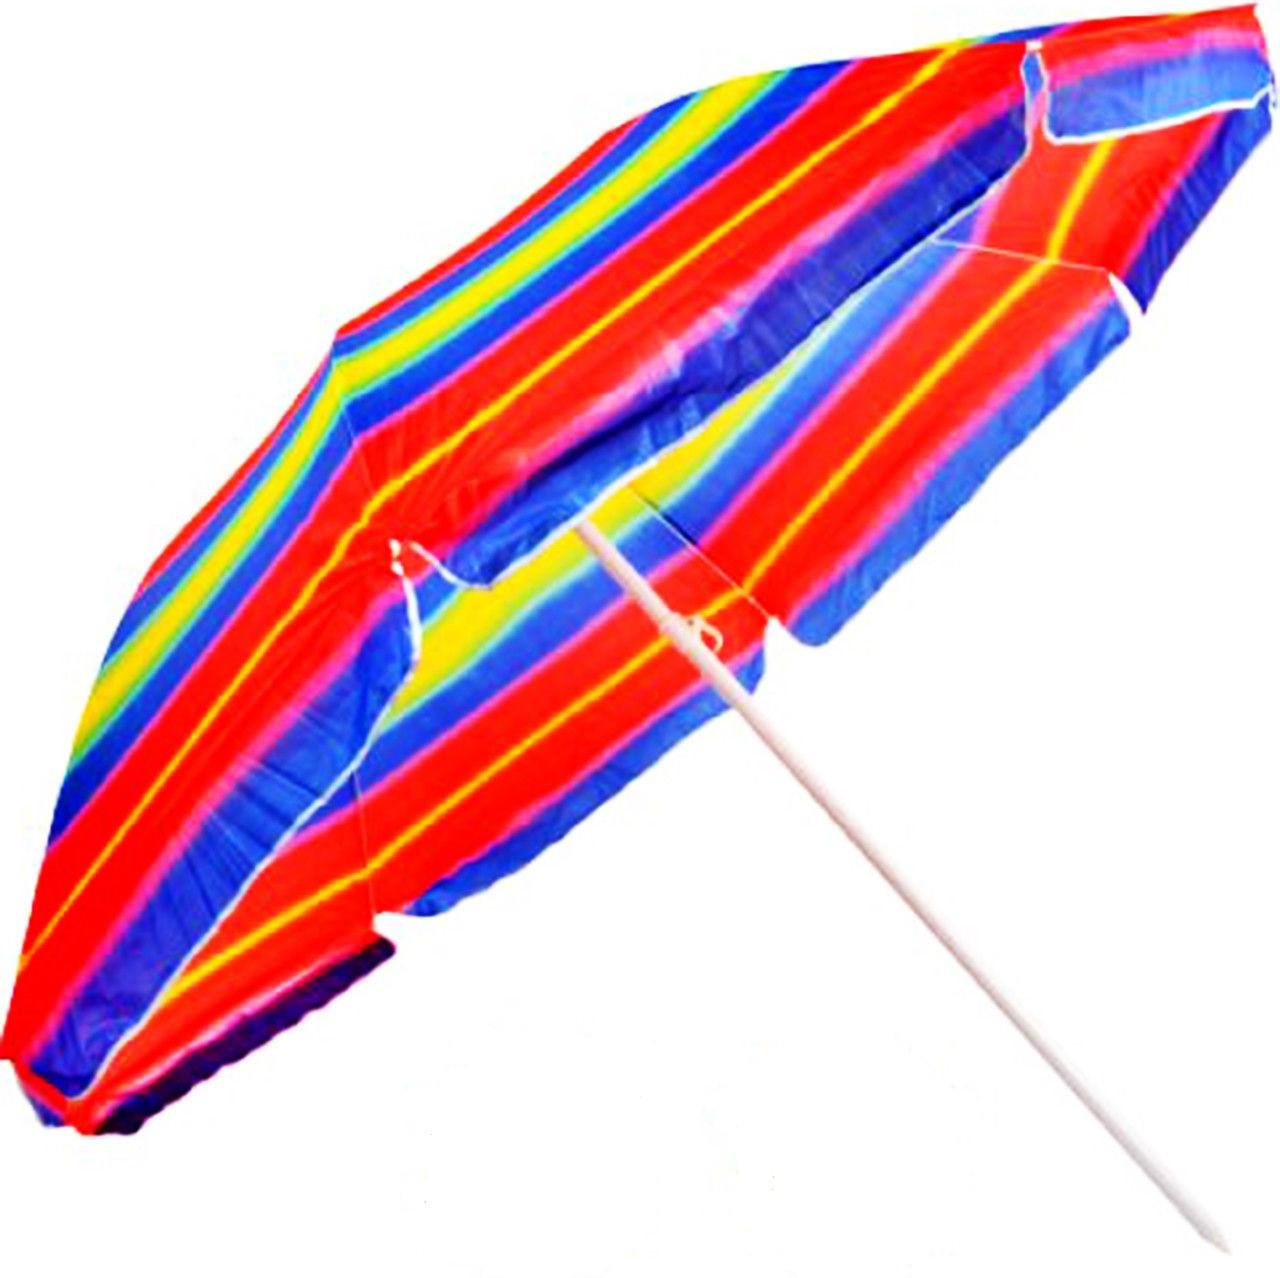 Пляжний зонт HMD Anti - UF 2.2 м Різнобарвний (127-12511298)